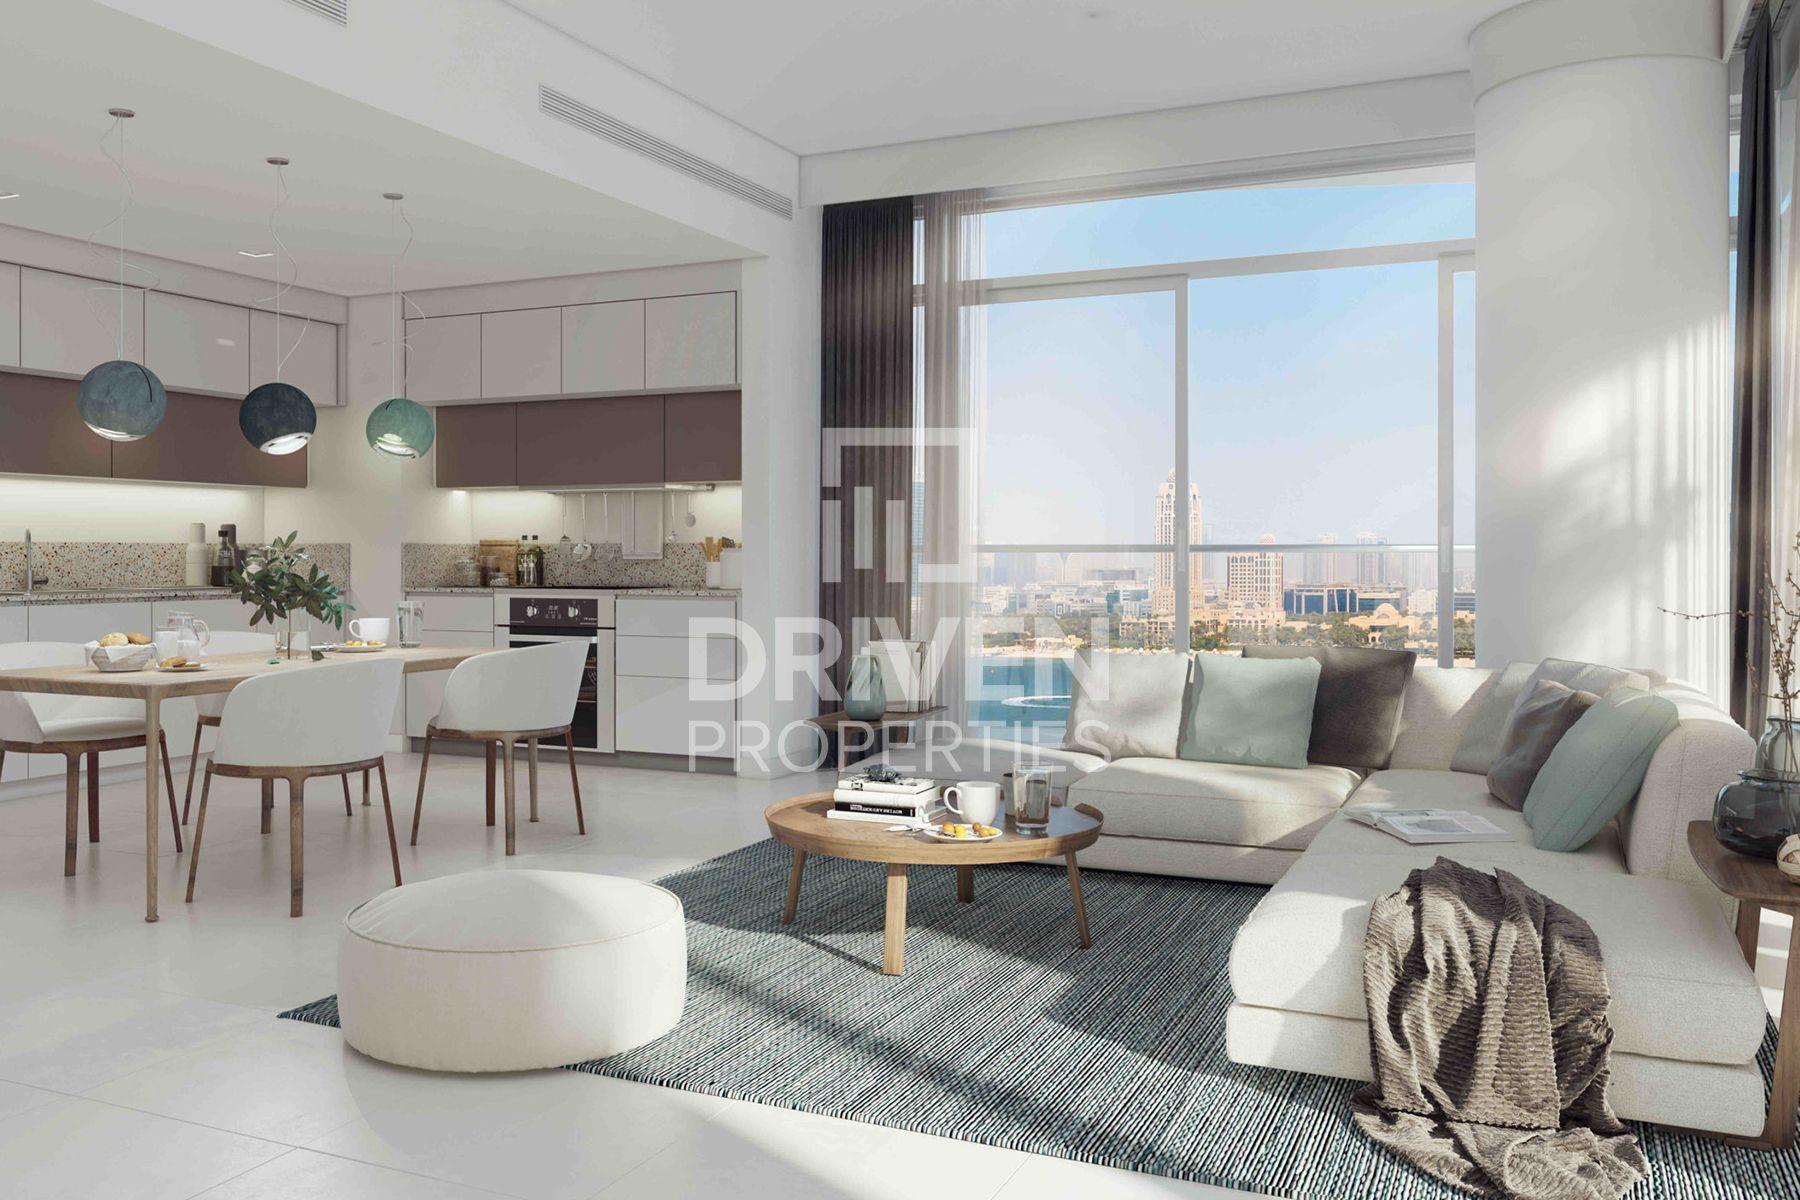 746 قدم مربع  شقة - للبيع - دبي هاربور